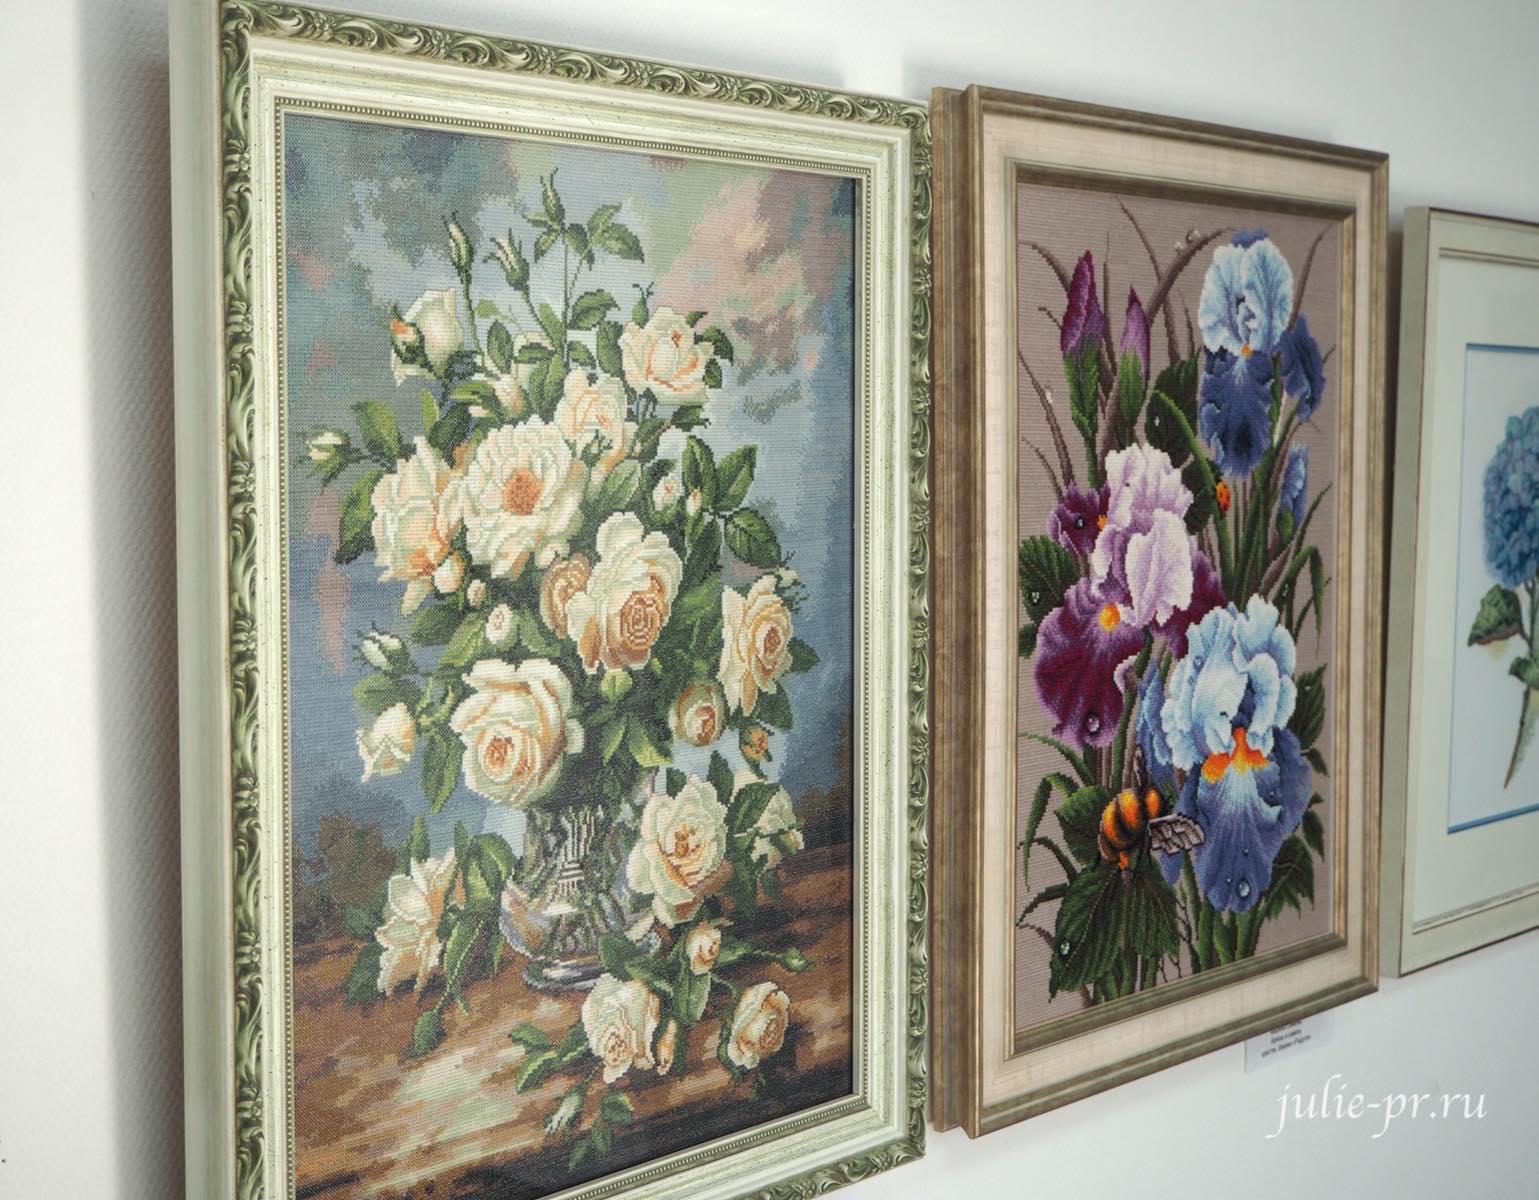 Вышивка крестом, ирисы, розы, цветы